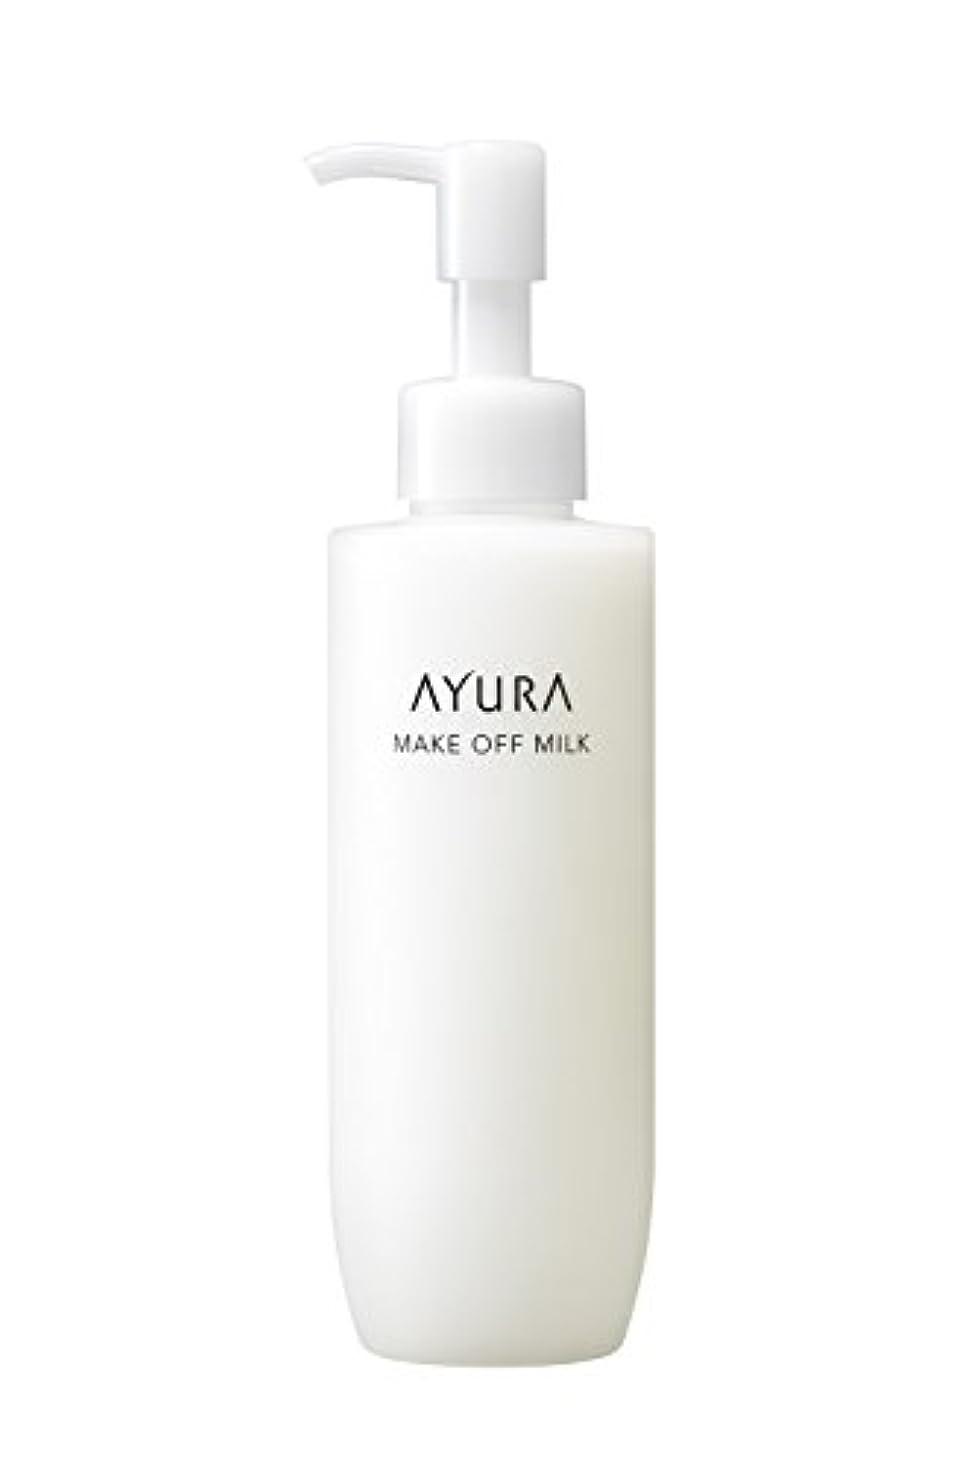 クリームアジテーション不満アユーラ (AYURA) メークオフミルク < メイク落とし > 170mL 肌をいたわりながらしっかりオフするミルクタイプ